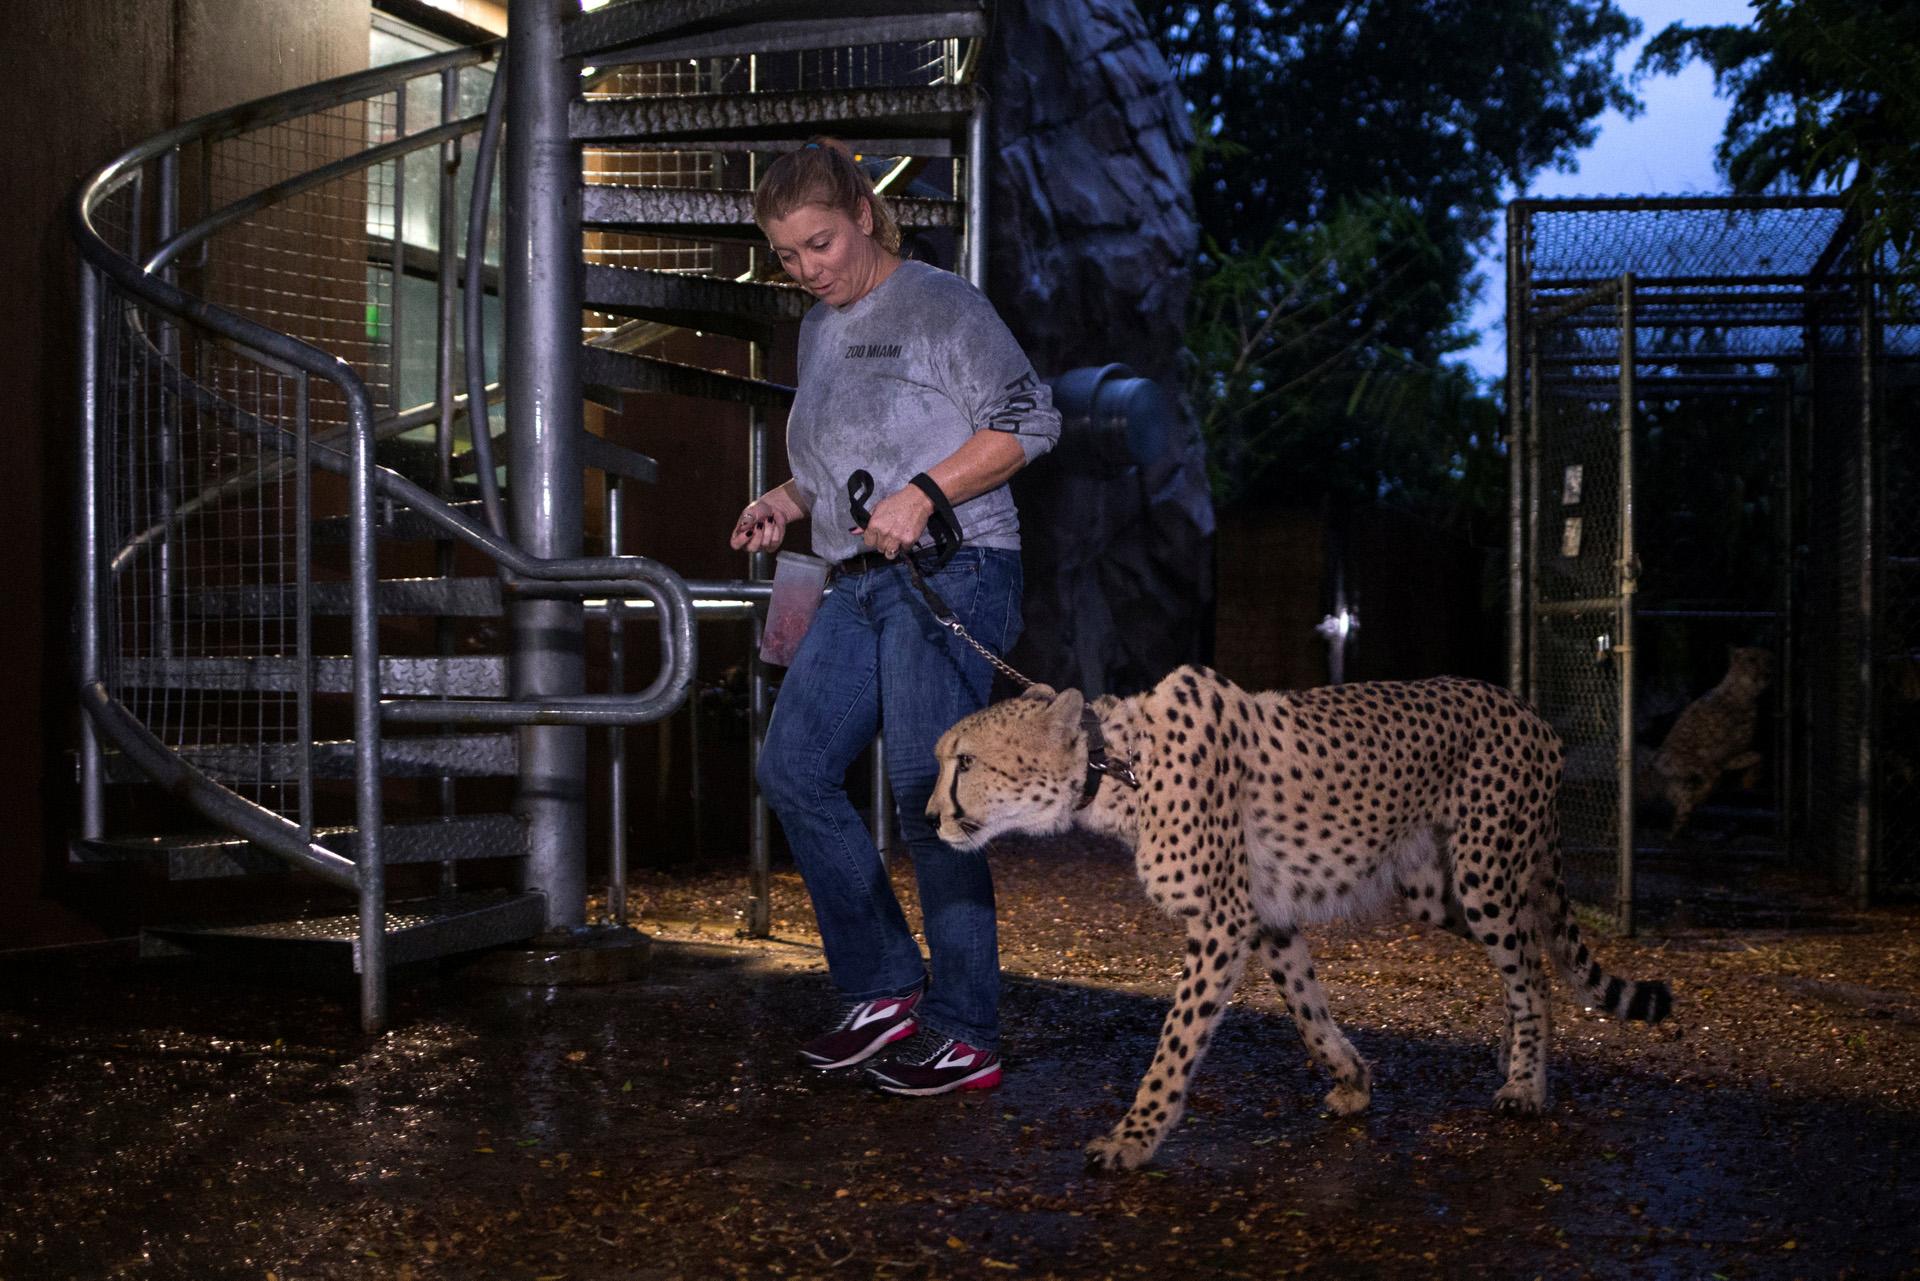 La guardameta Jennifer Nelson lleva un chita a un refugio antes de la caída del huracán Irma en el zoológico de Miami, Florida, el 9 de septiembre de 2017. (Reuters)